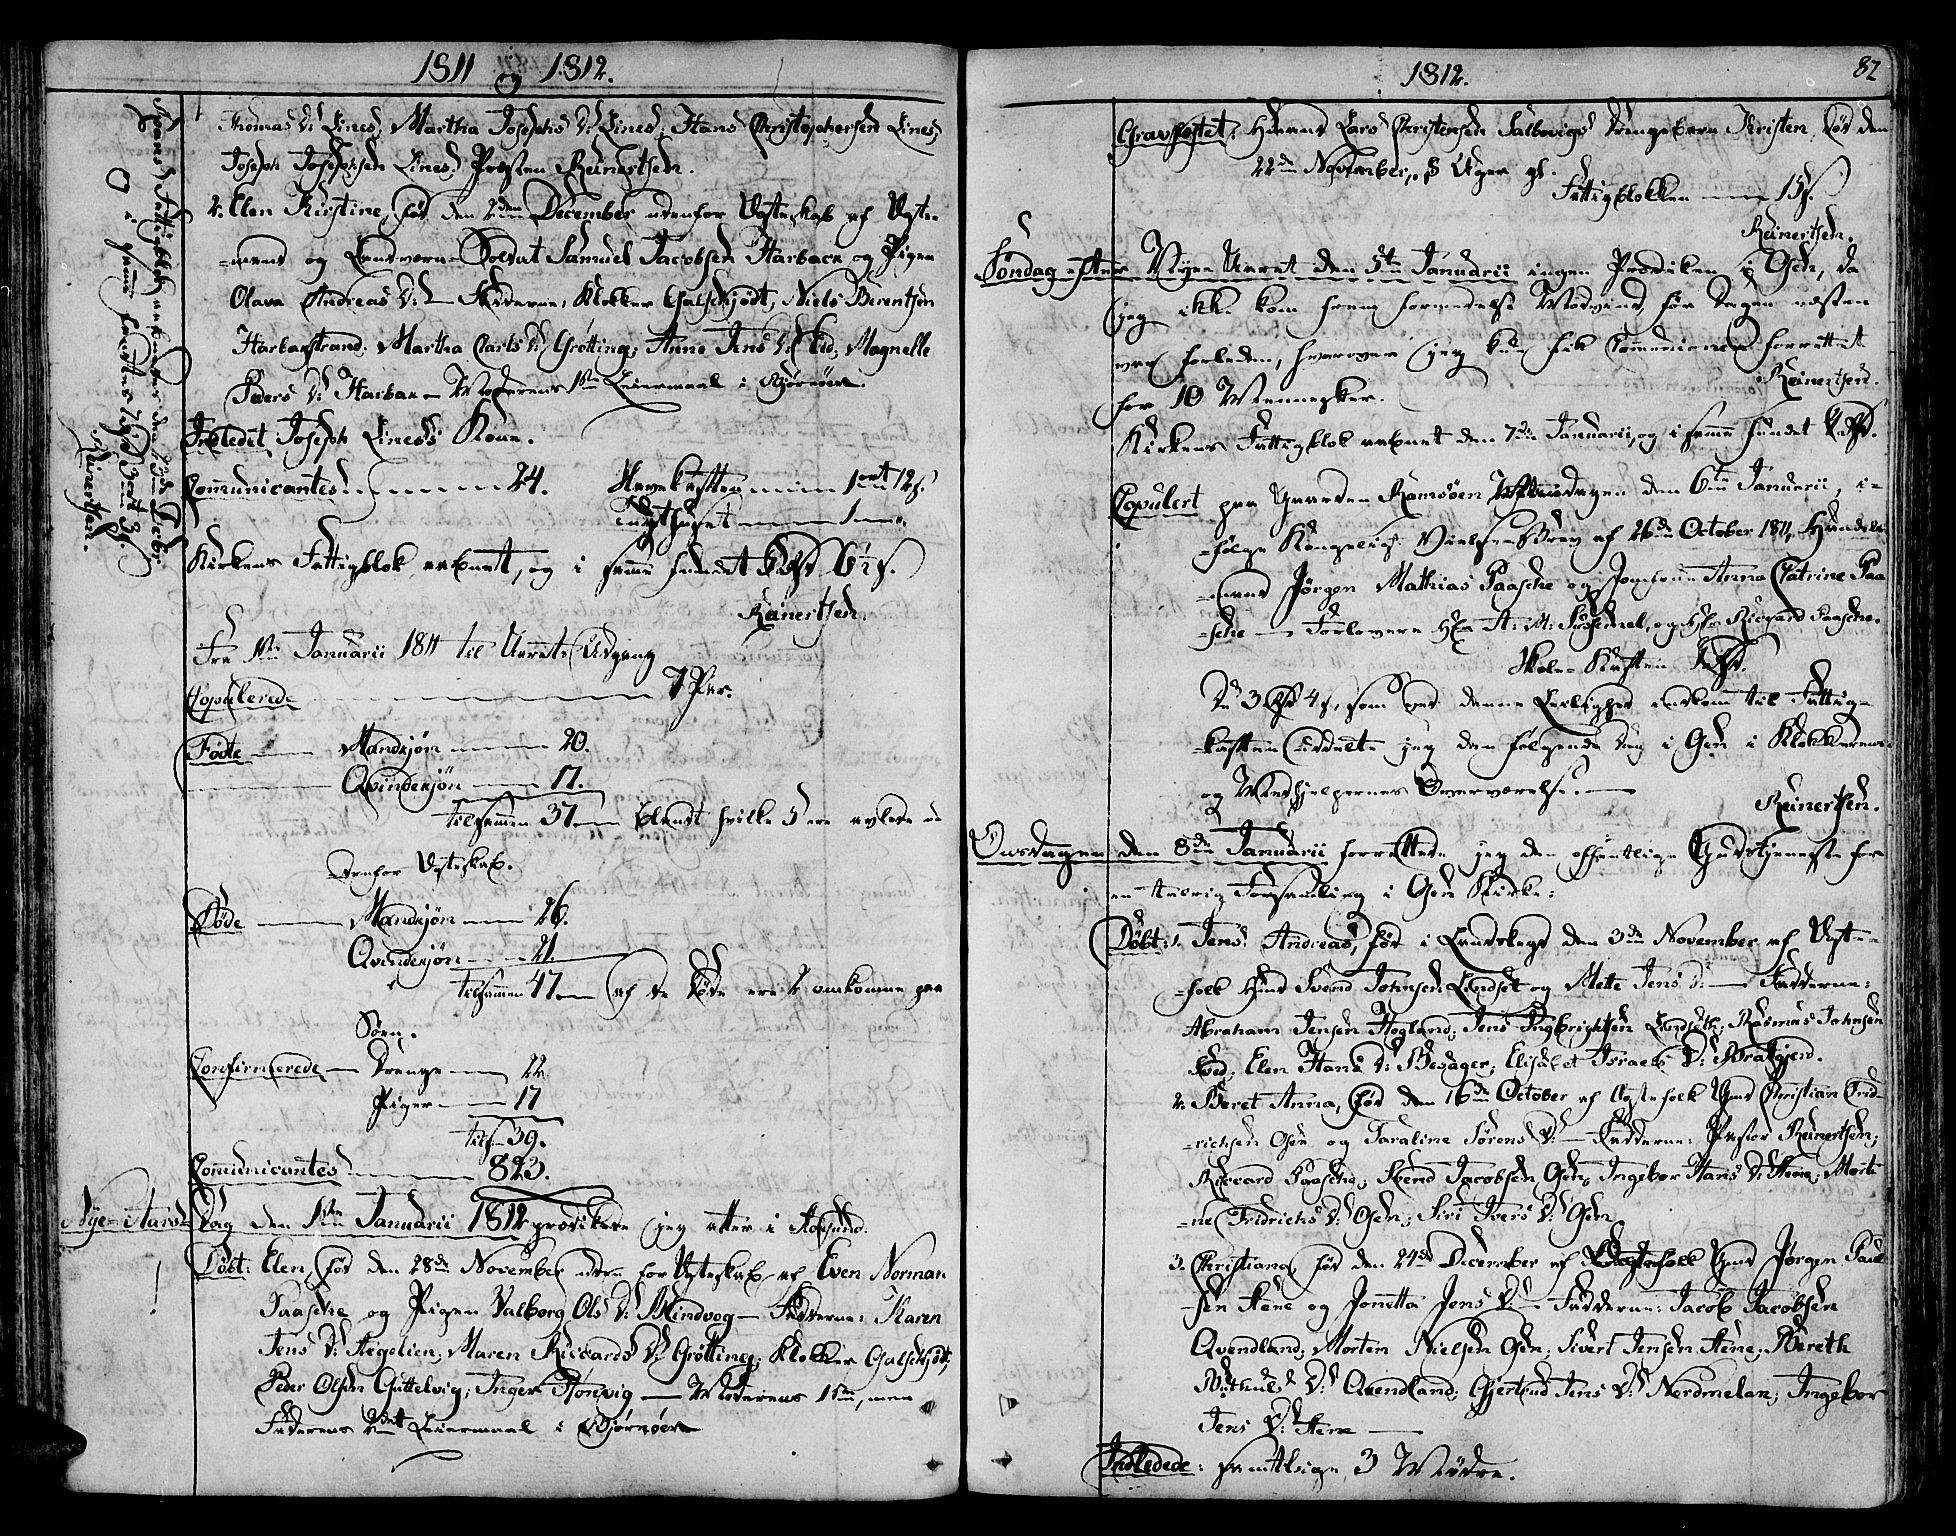 SAT, Ministerialprotokoller, klokkerbøker og fødselsregistre - Sør-Trøndelag, 657/L0701: Ministerialbok nr. 657A02, 1802-1831, s. 82